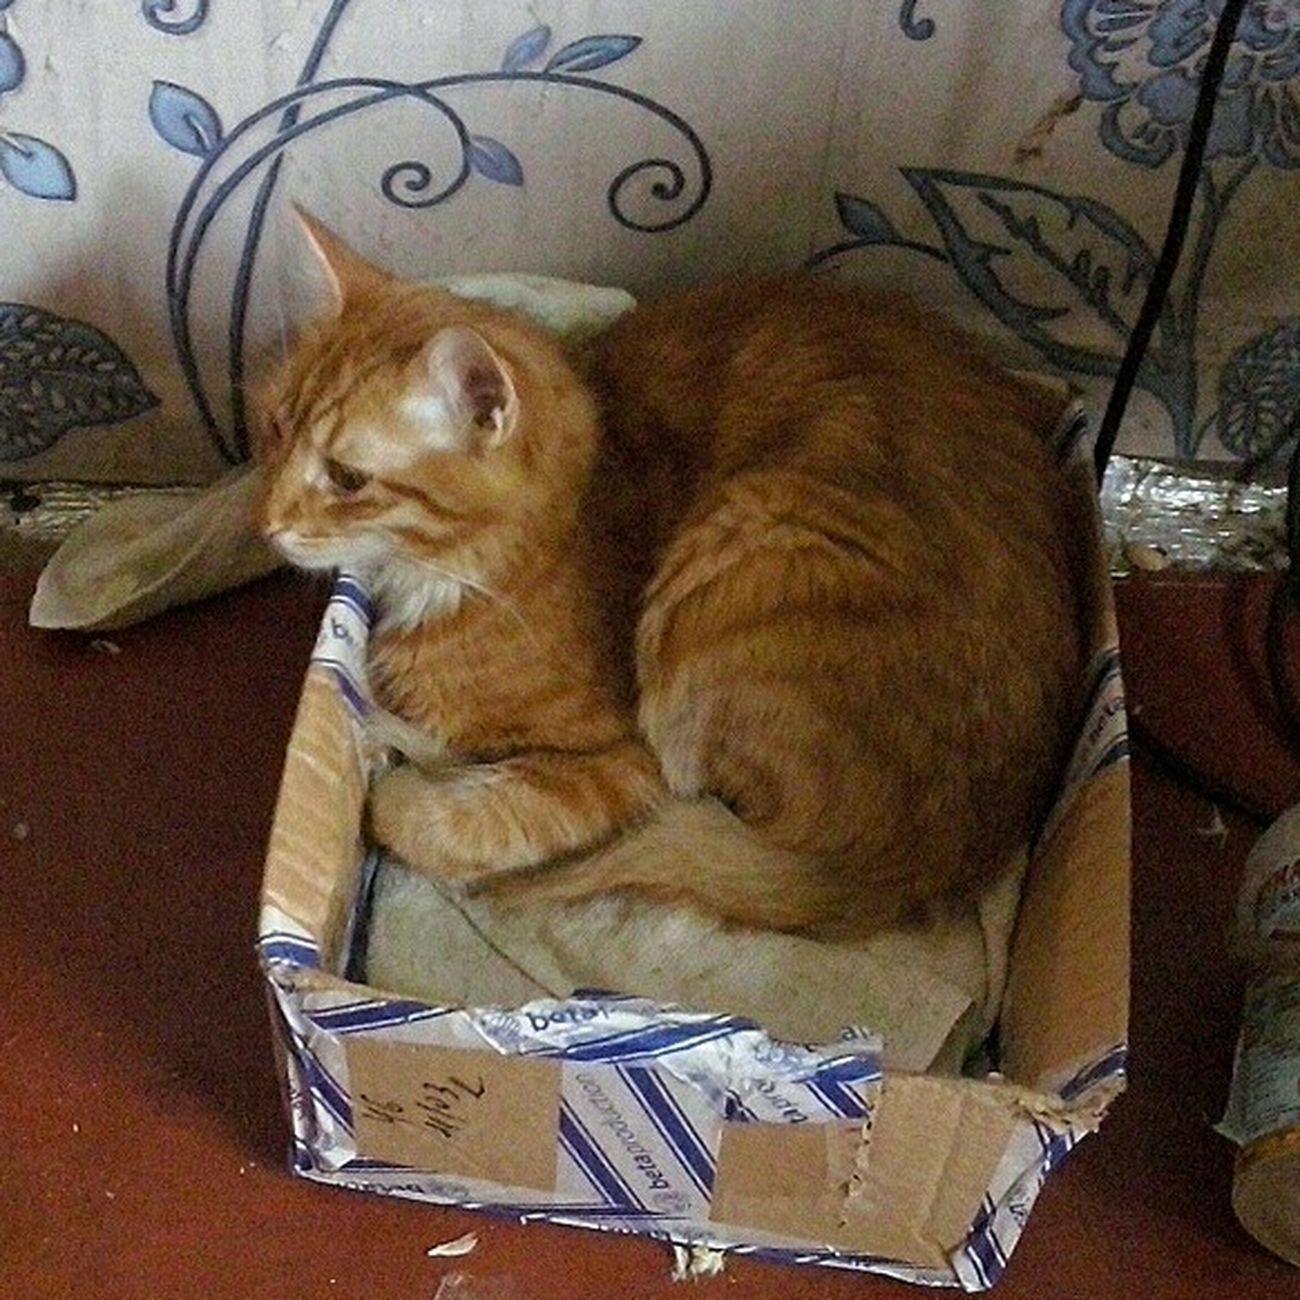 Тим Тимыч кот в коробке Котэ 😻 котэйка рыжий кот рыжий Popular Popular Photos My Cat Pet Photography